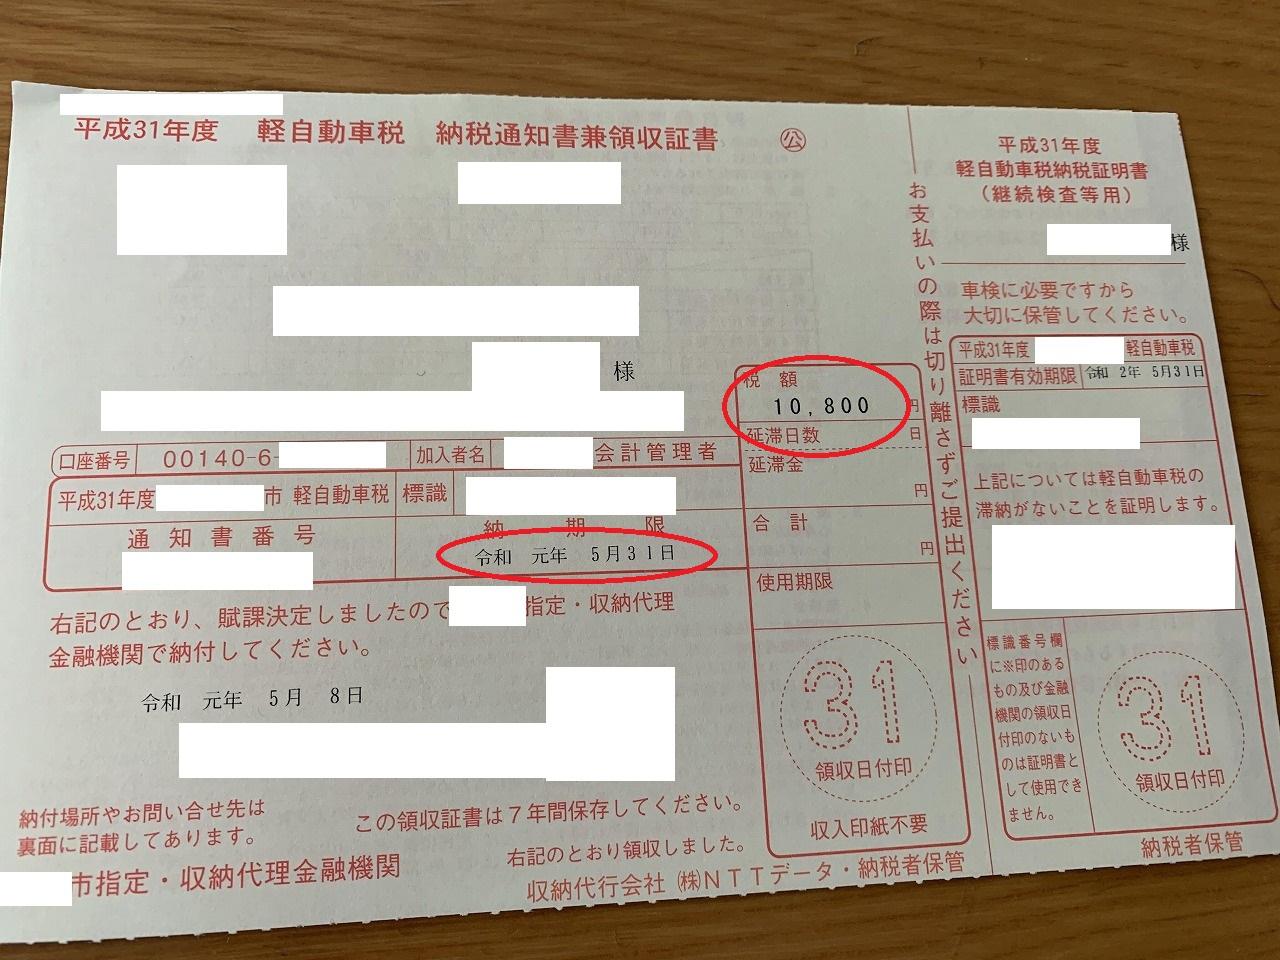 軽自動車税の納税通知書が届きました・・・